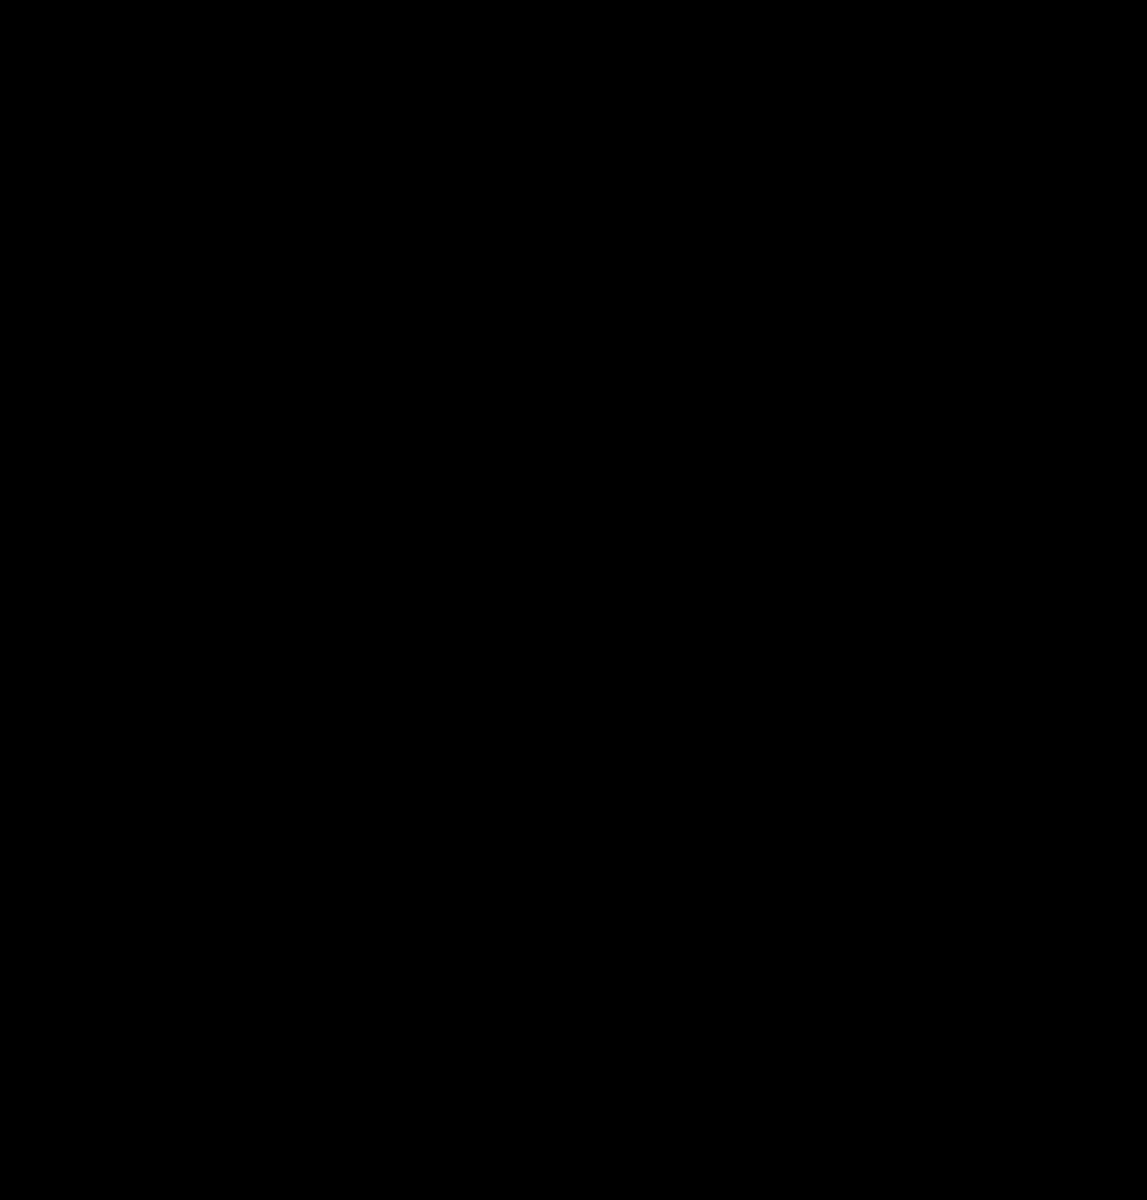 Lumaland – Handdoeken set – 2 badhanddoeken & 4 handdoeken – 100% katoen – Turquoise